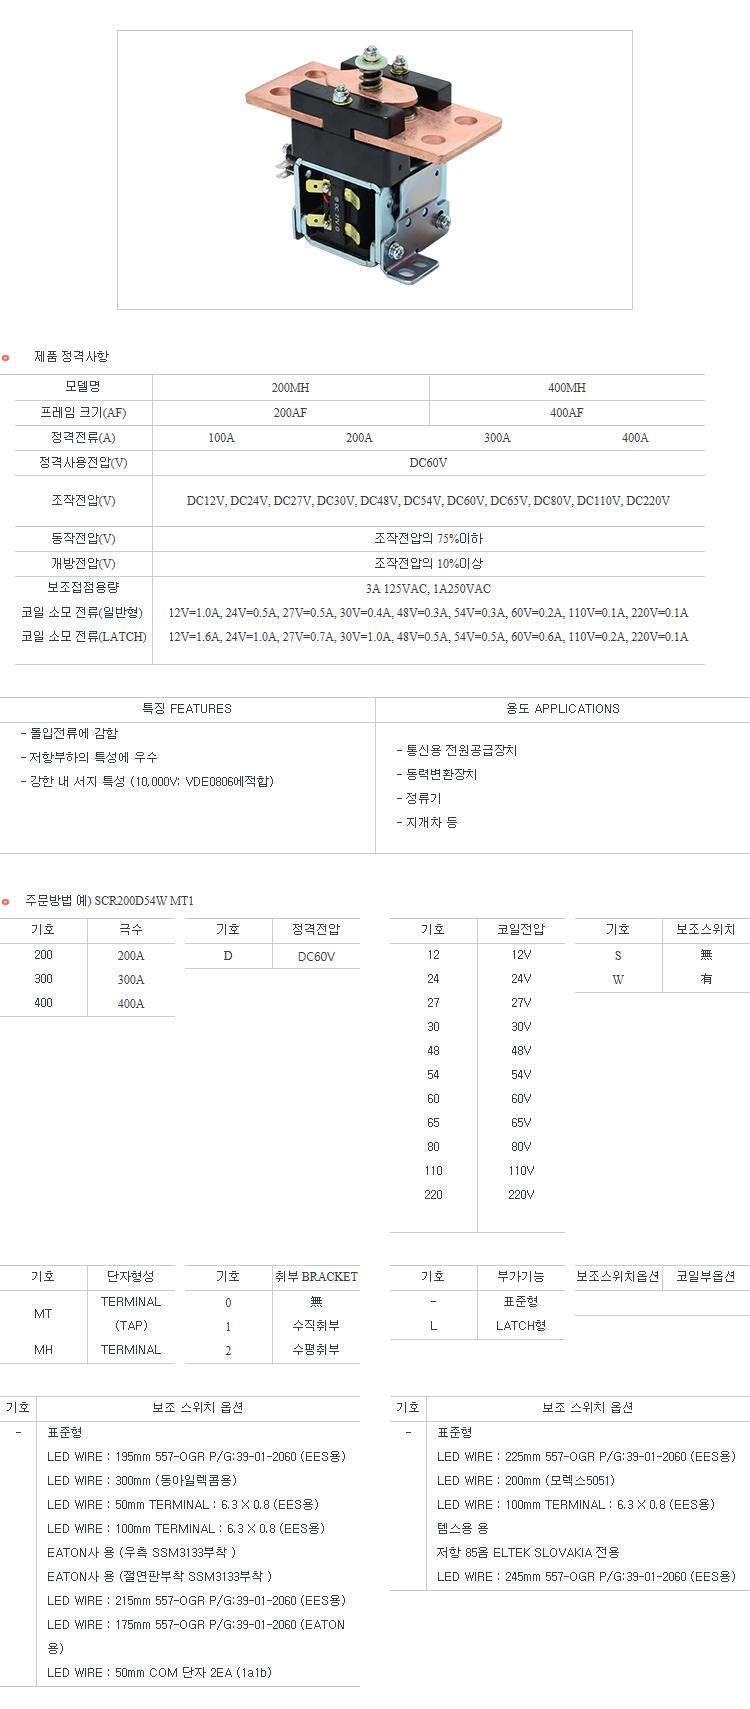 우리산전(주) SCR SCR-MH(MT)/B/BE